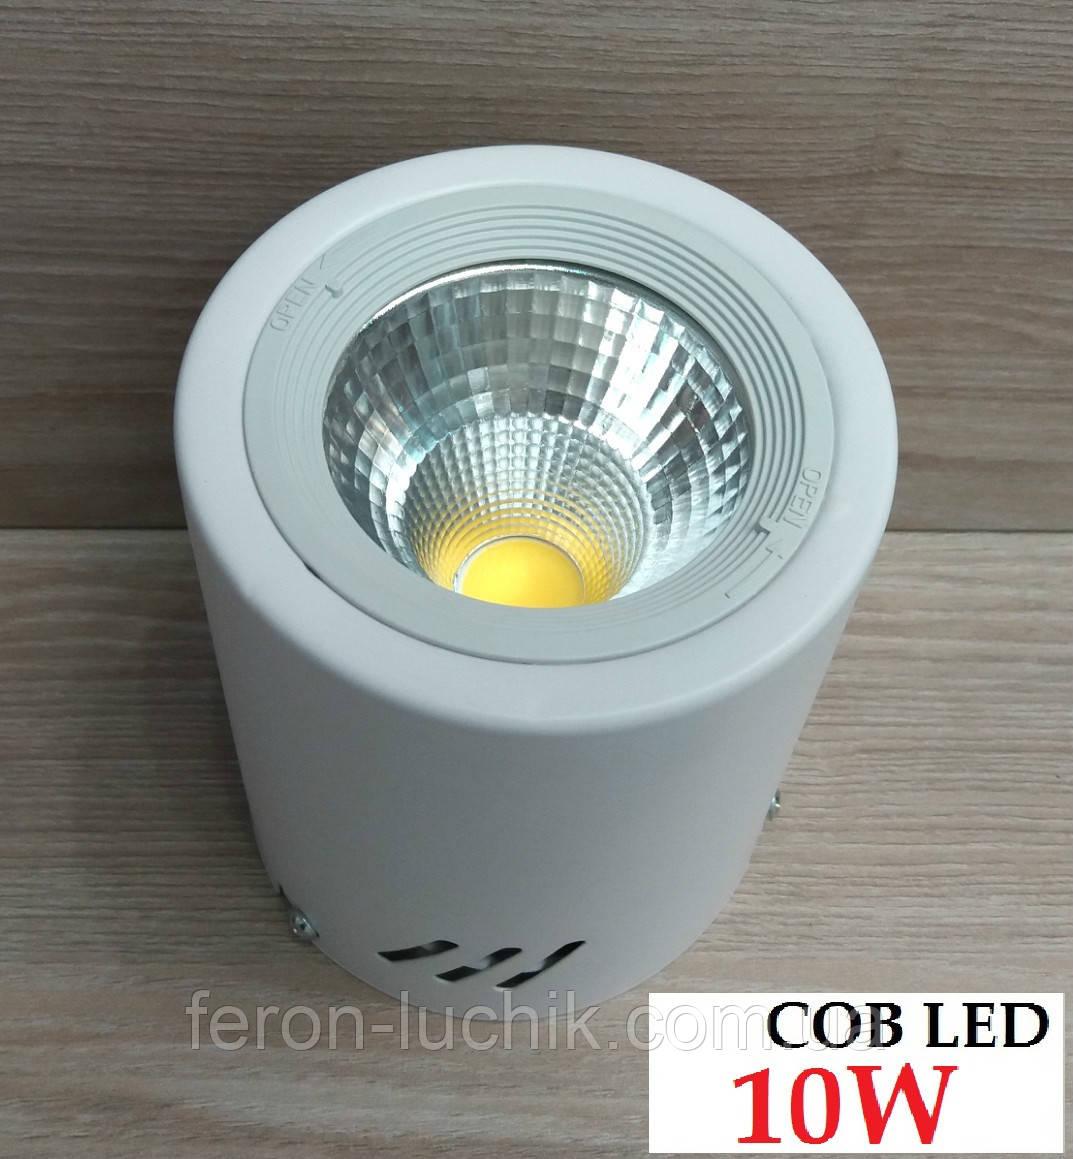 Накладний світильник світлодіодний COB LED 10W 4000K білий